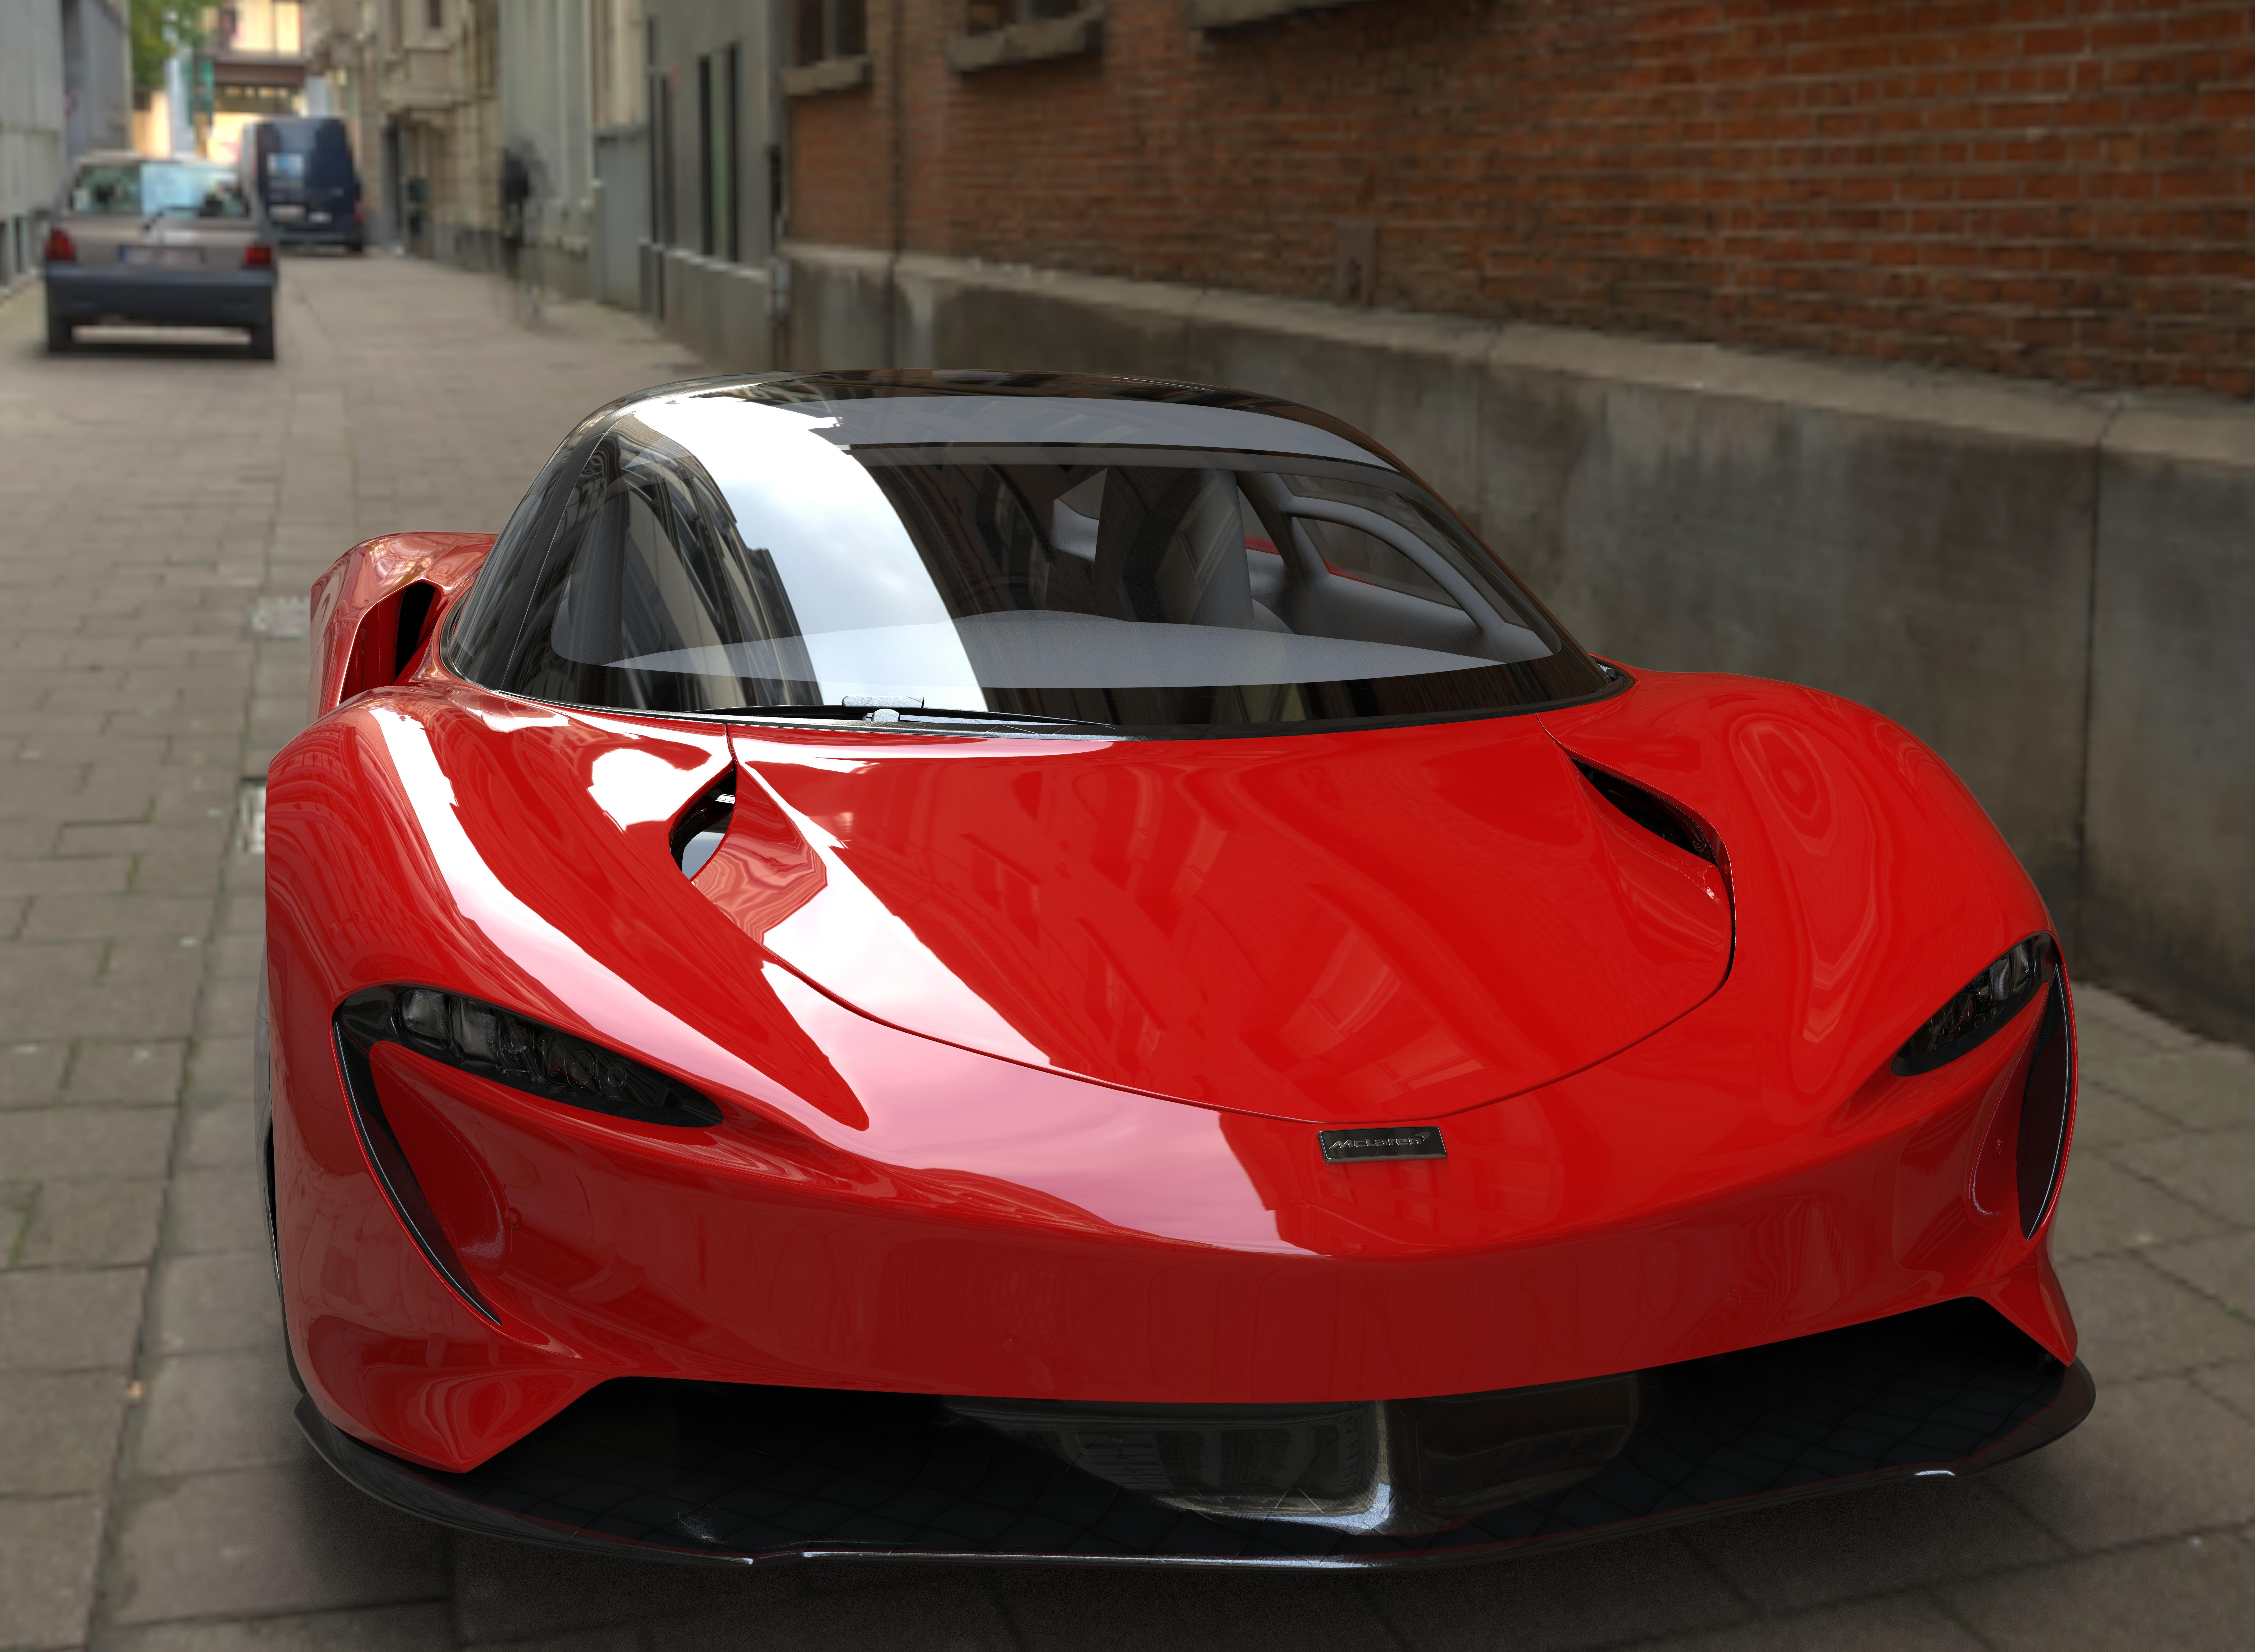 McLaren Speedster 2020 3D Graphics Red Candy Hypercar Car 8 K 7680x5628